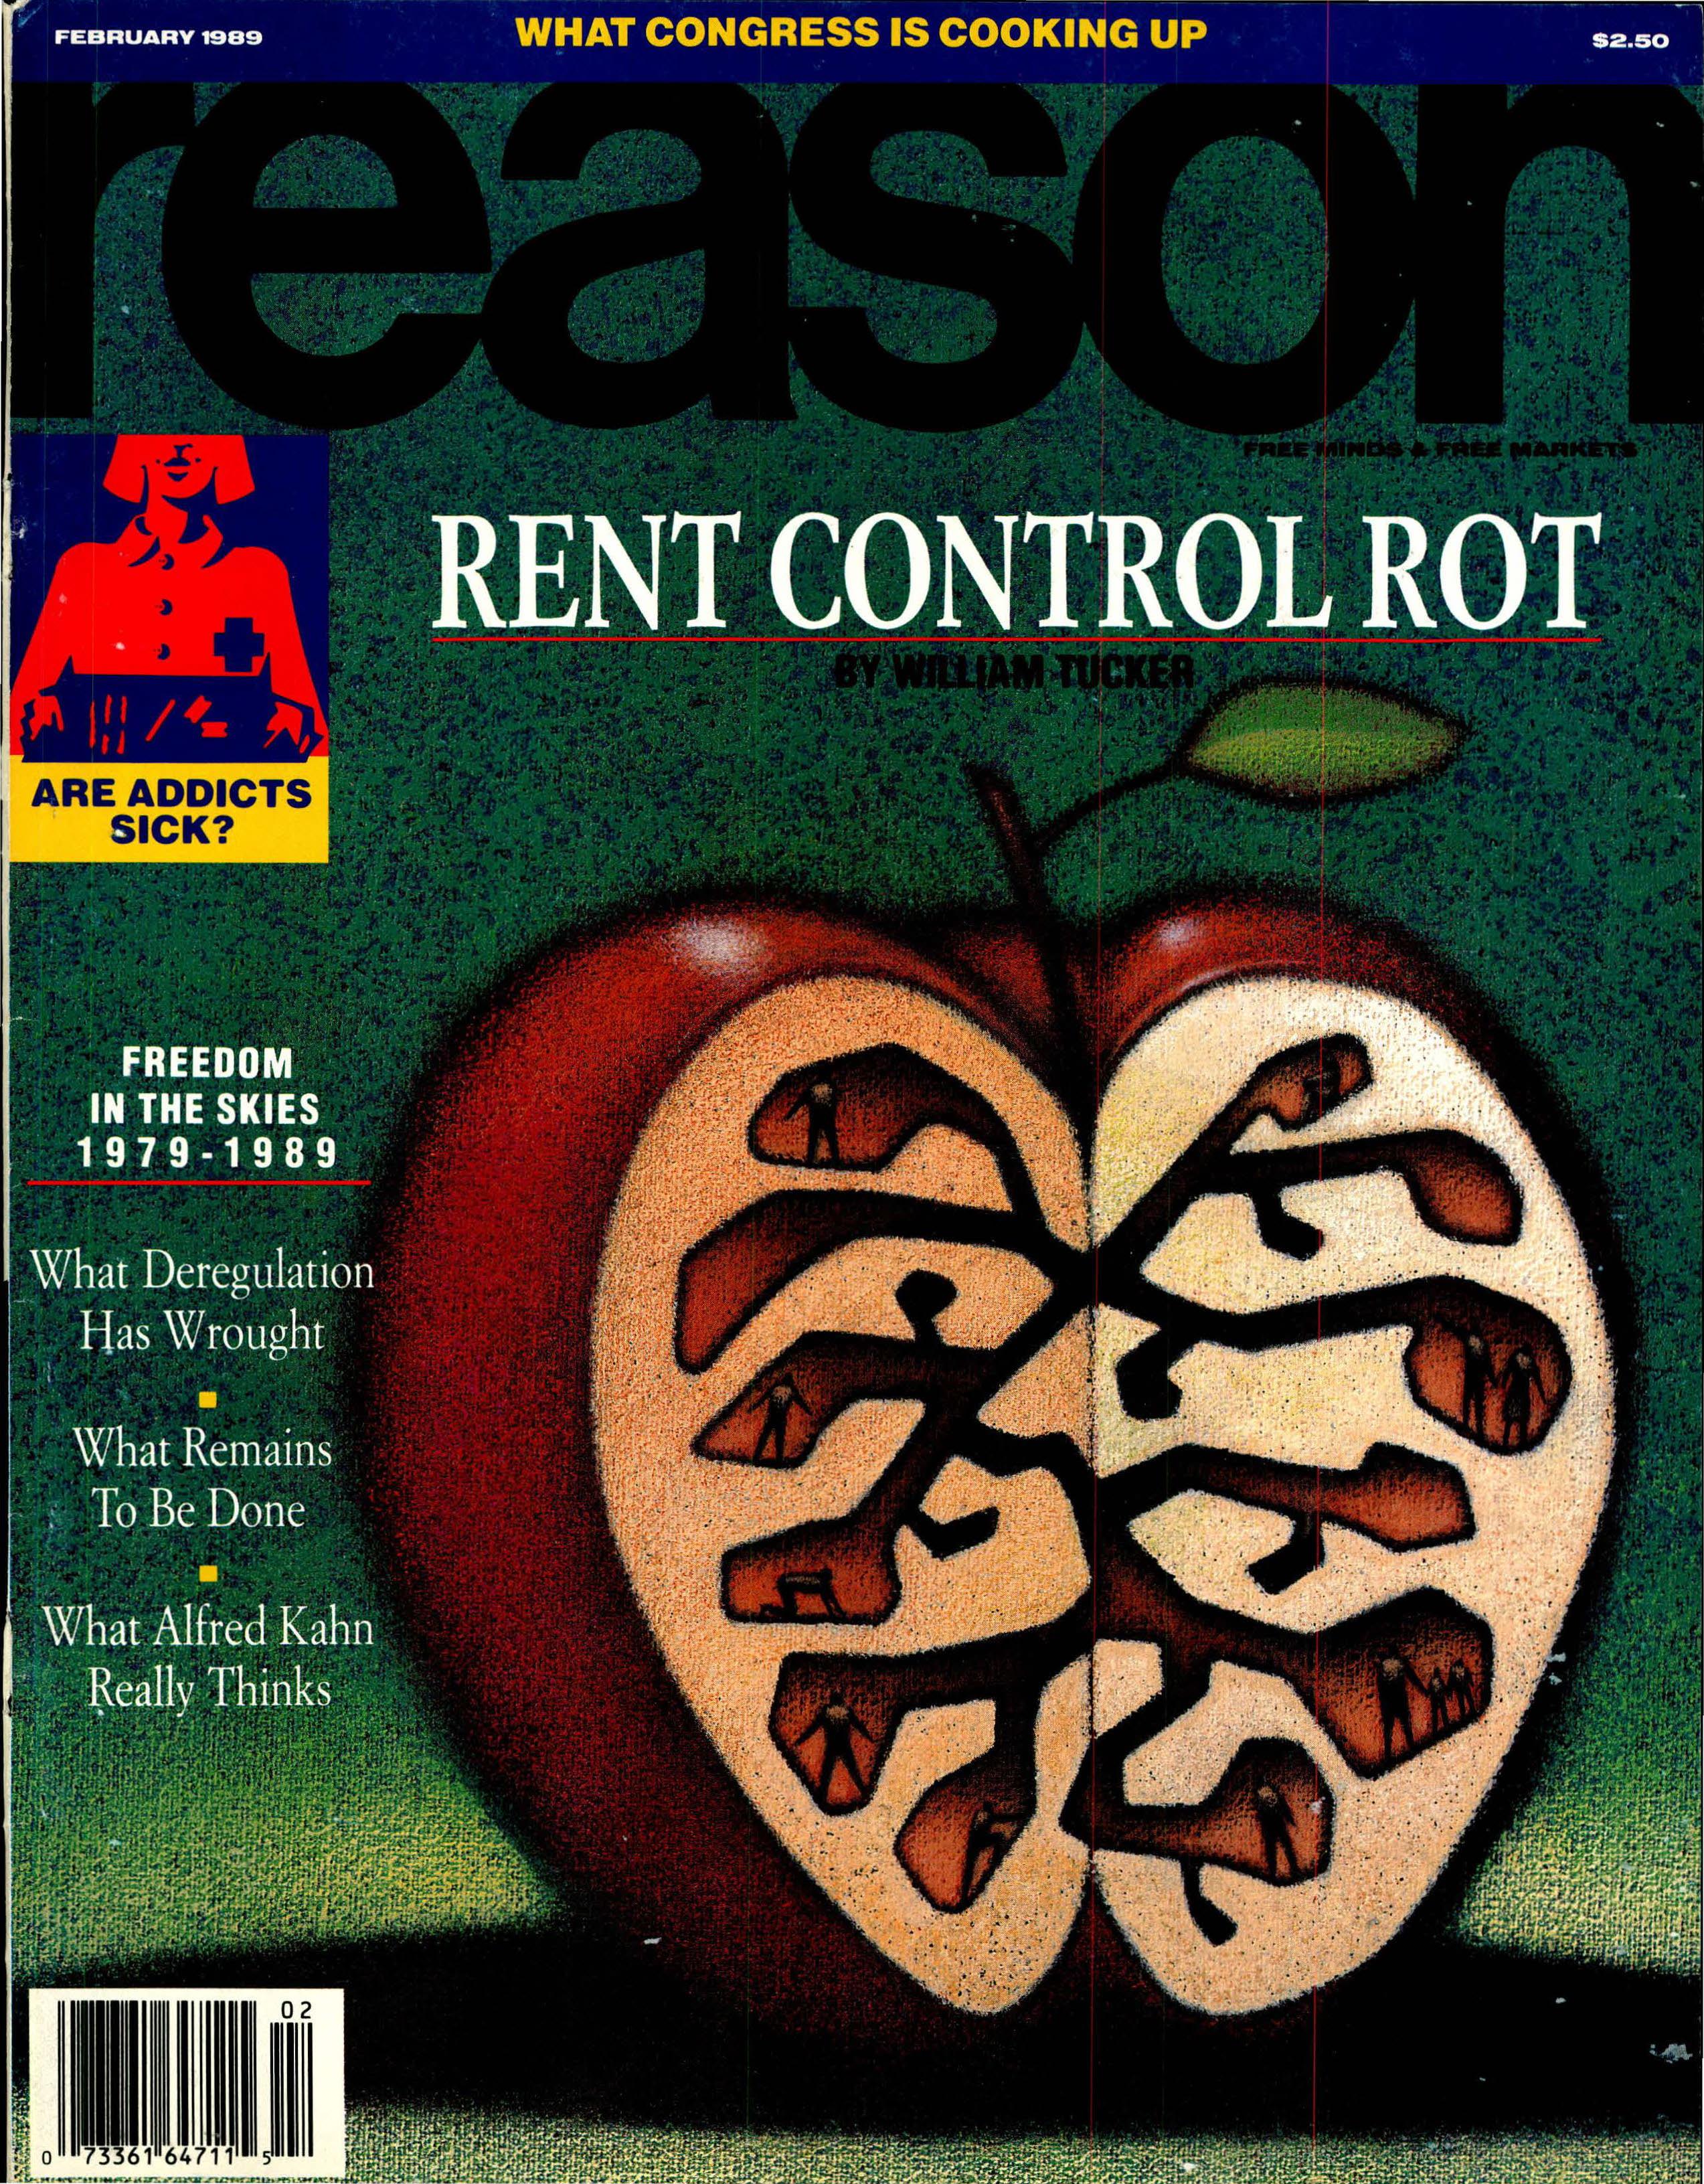 Reason Magazine, February 1989 cover image